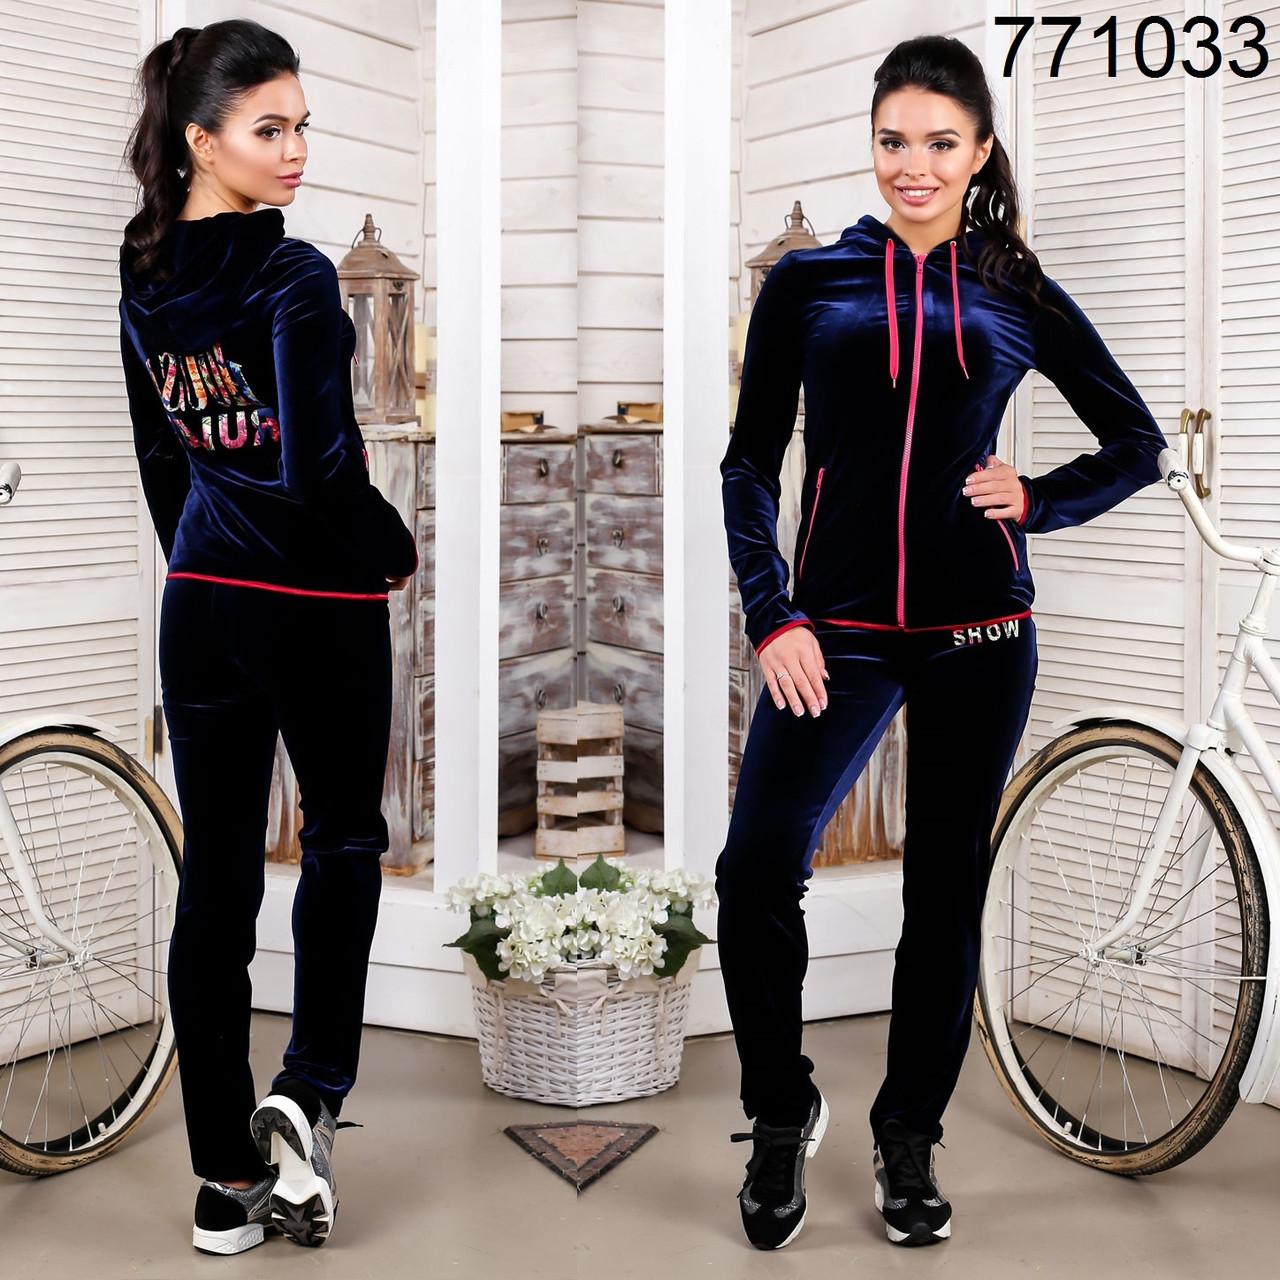 57c1c312 Женский спортивный костюм из стрейч-велюра F - Интернет-магазин Леди-лайн в